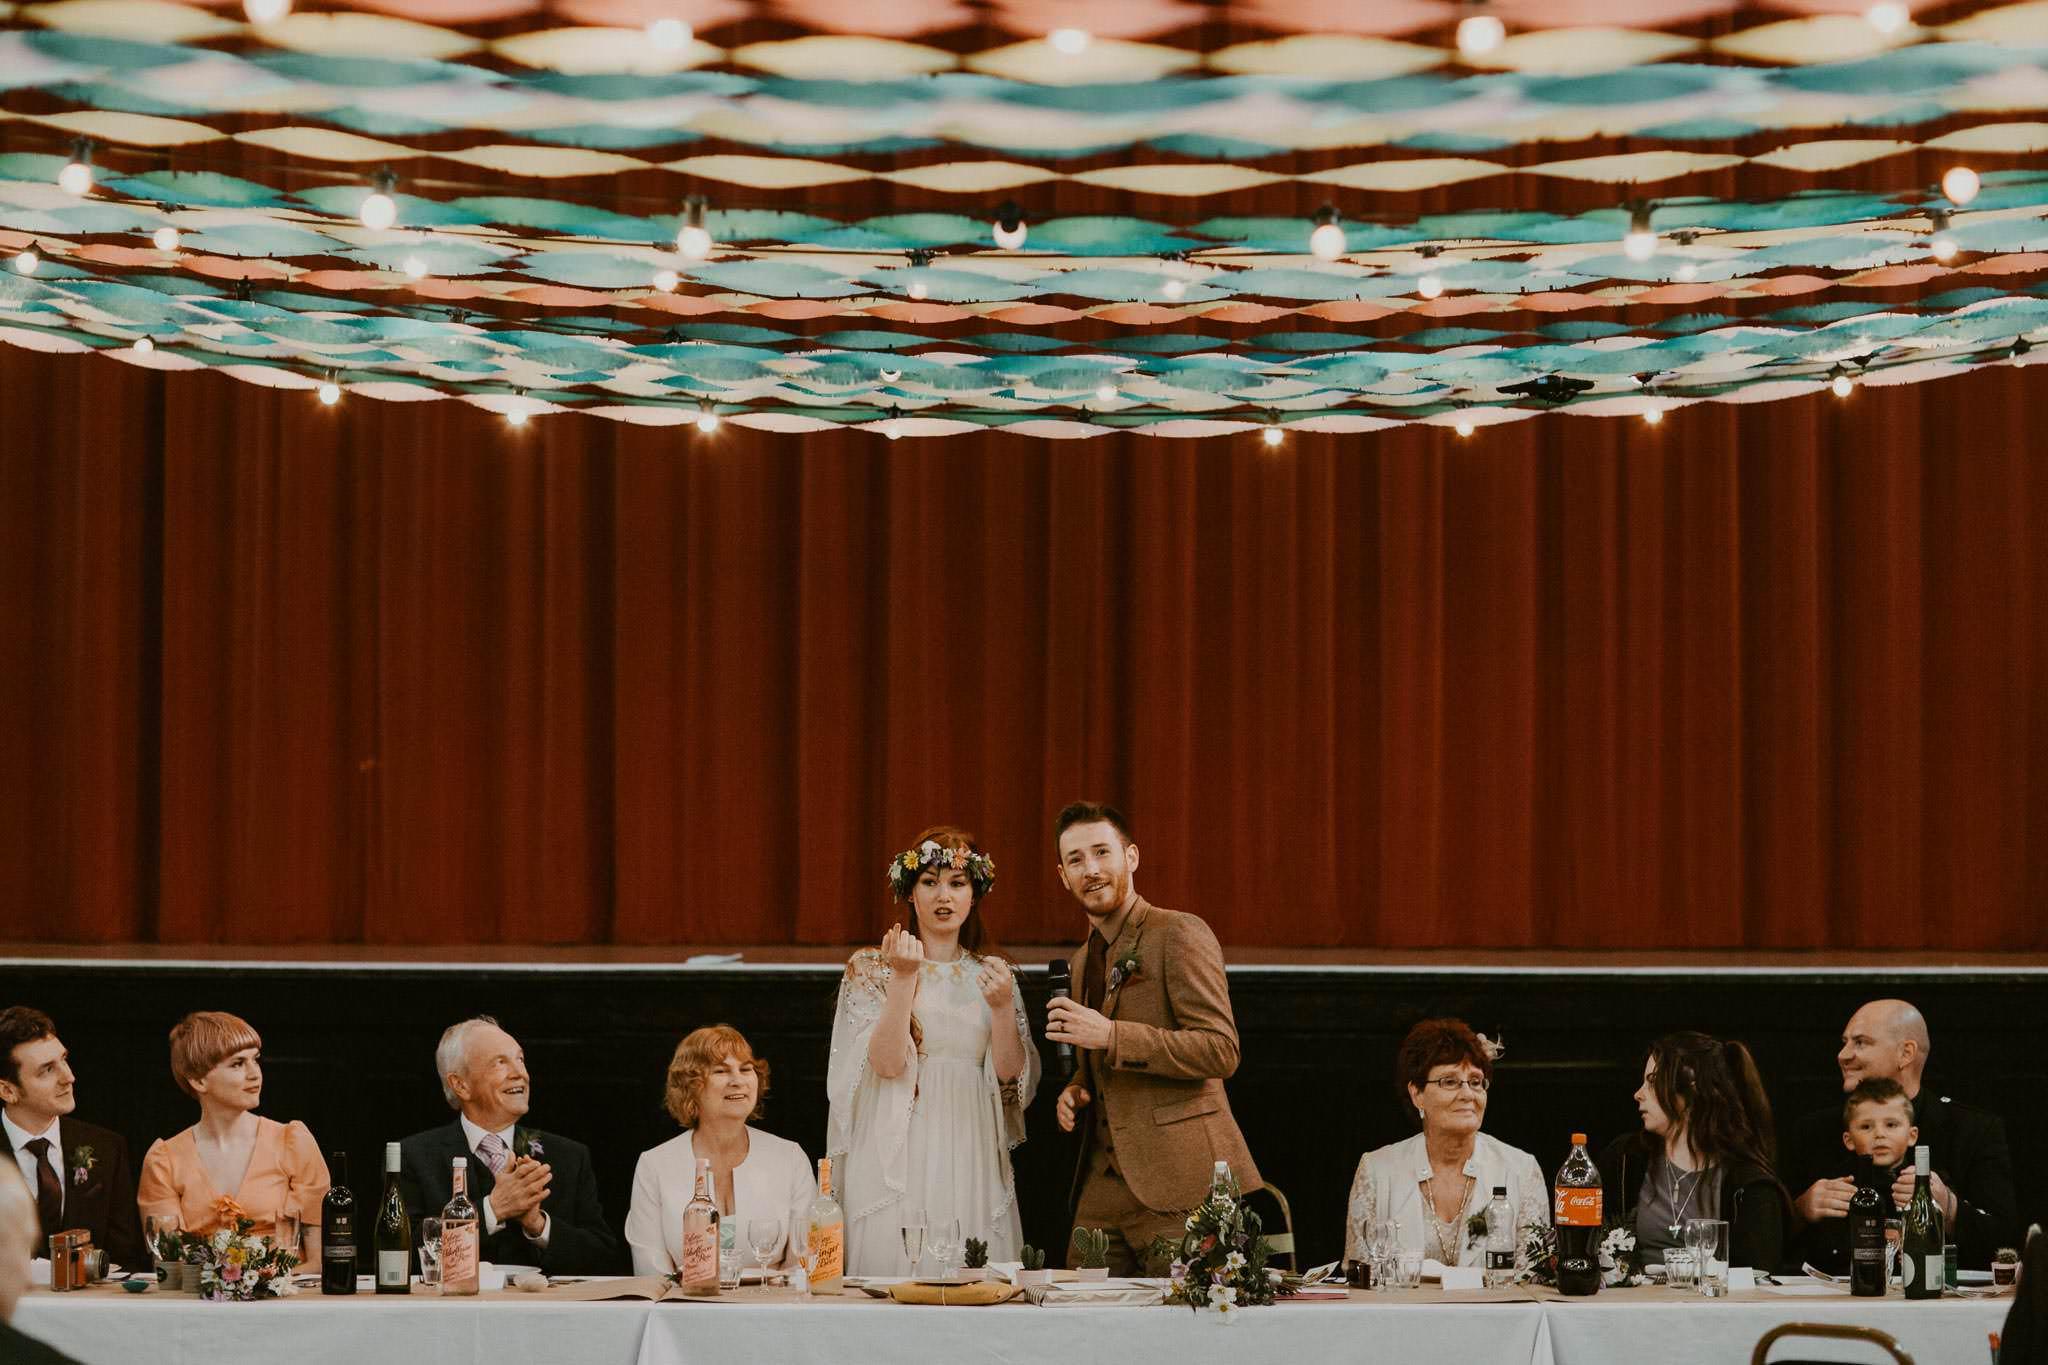 scottish-wedding-photography-135